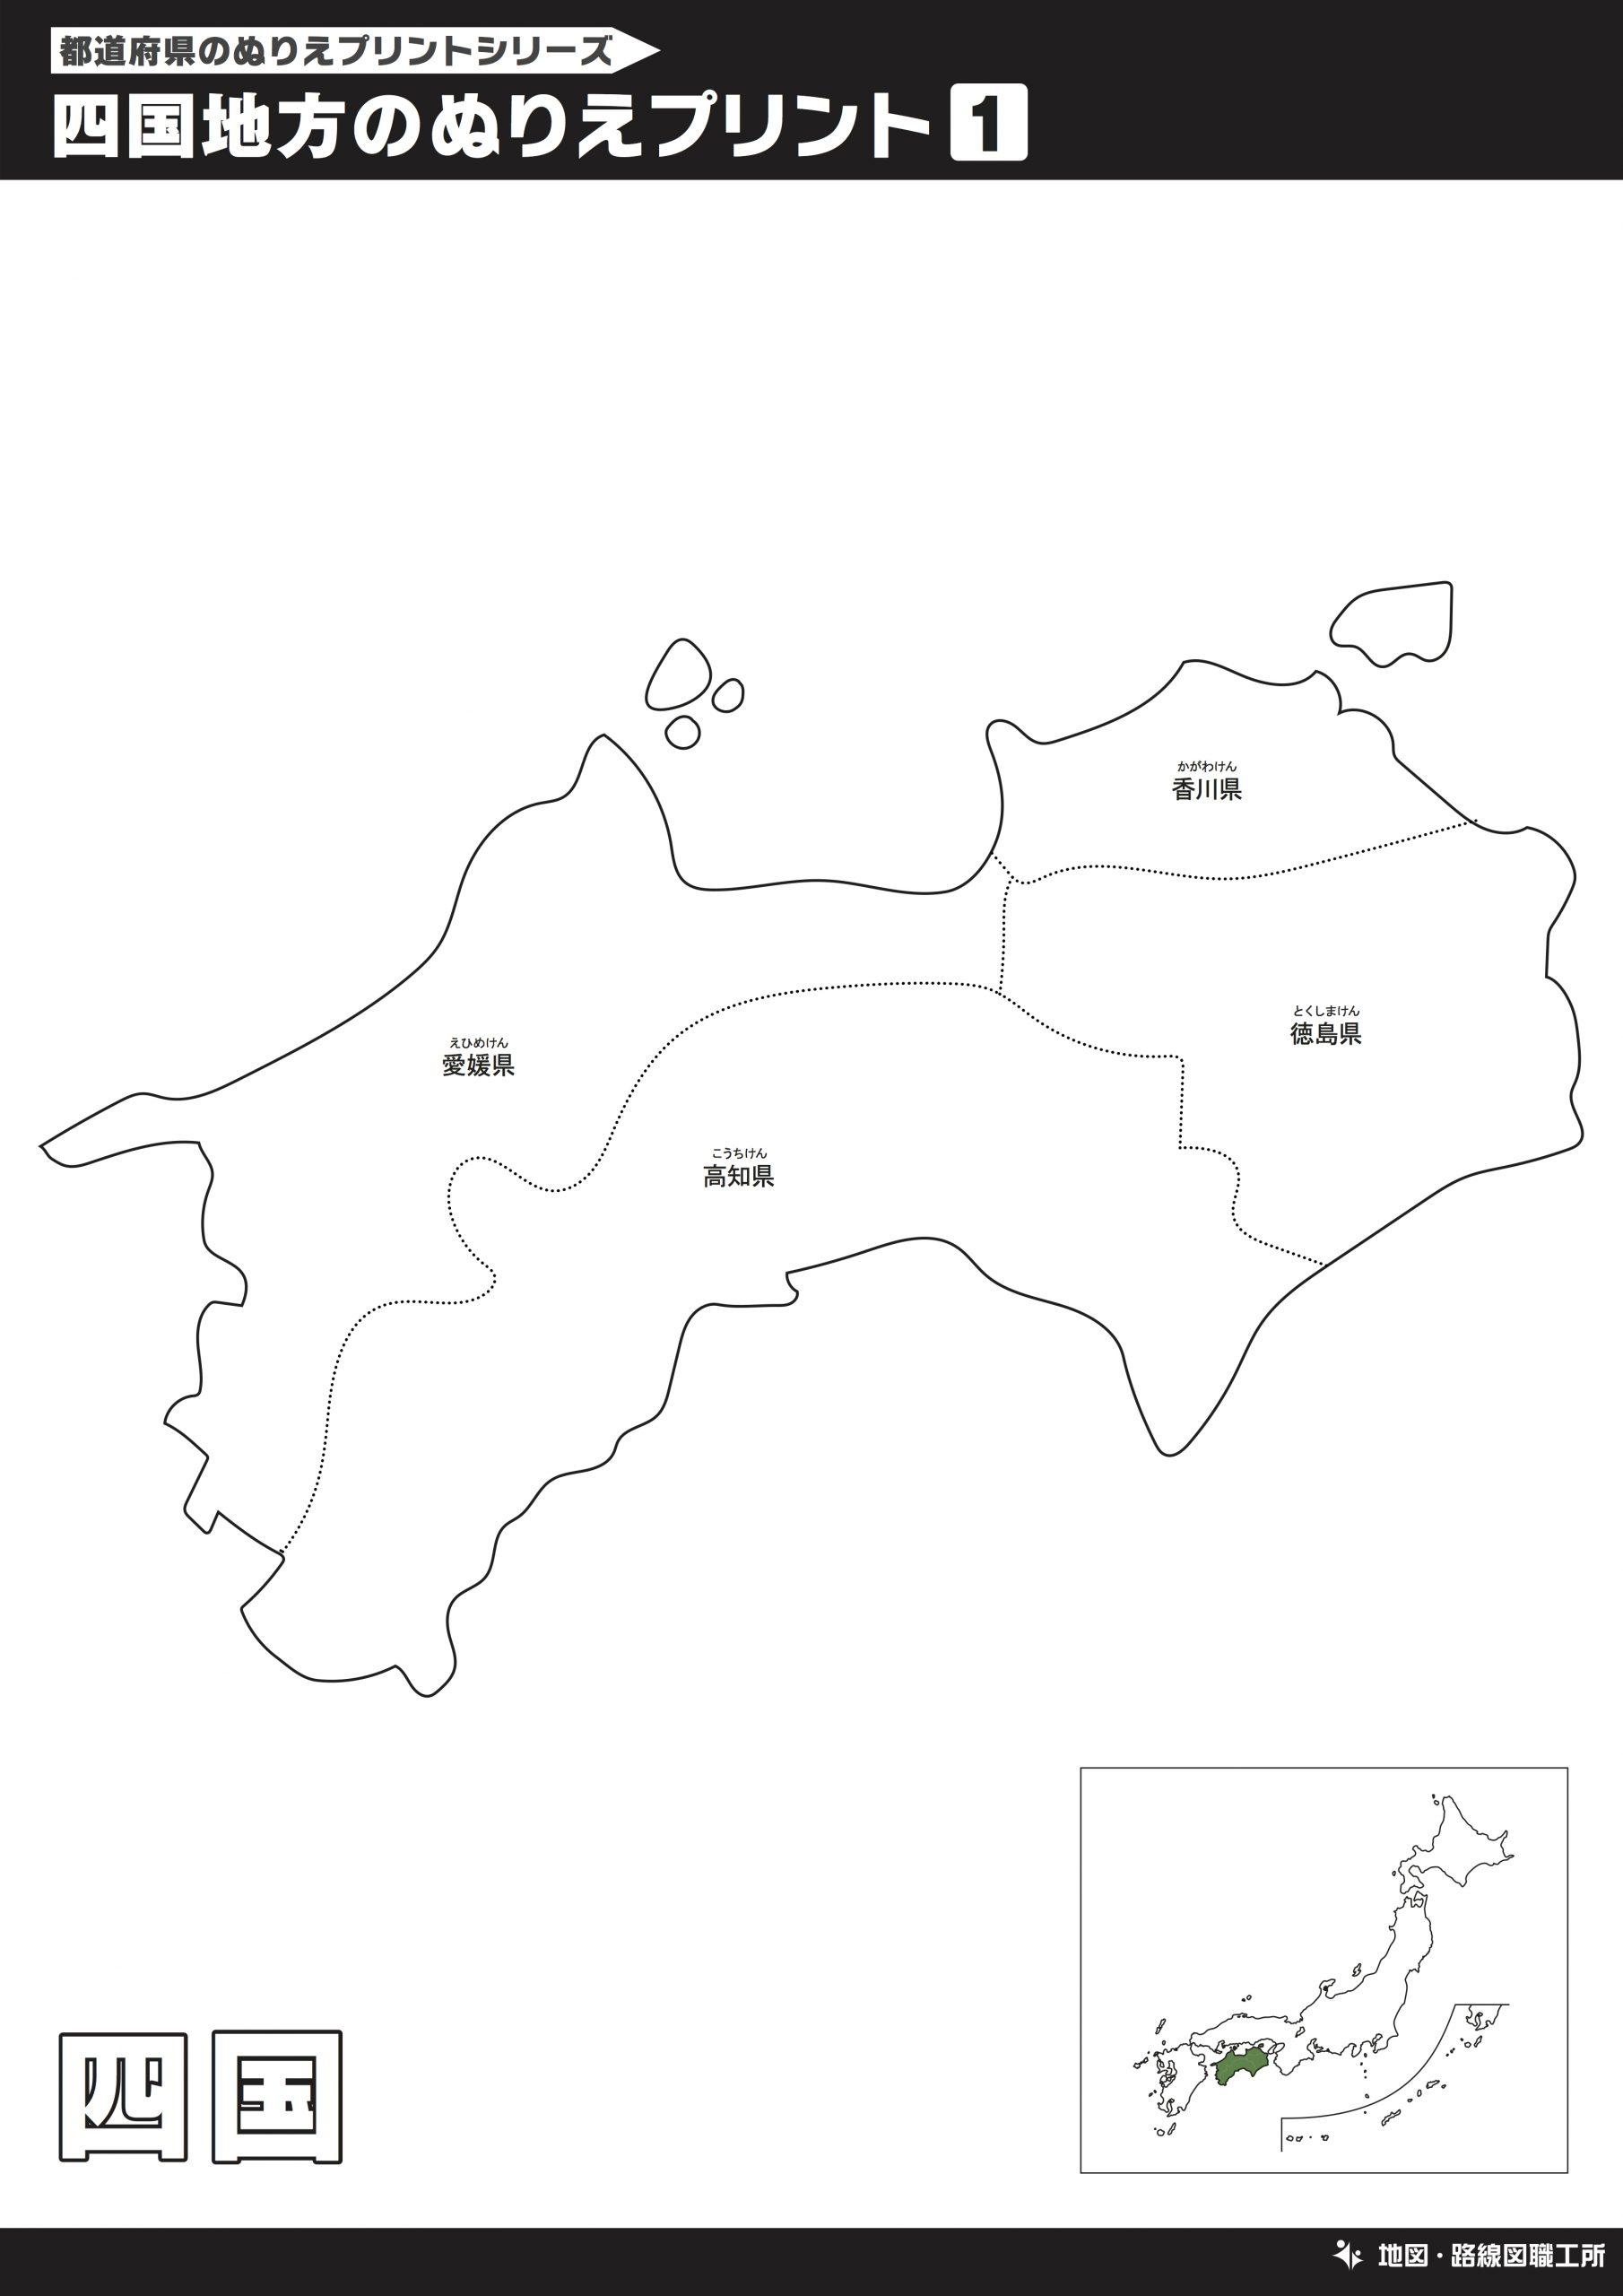 四国地方のぬりえプリント